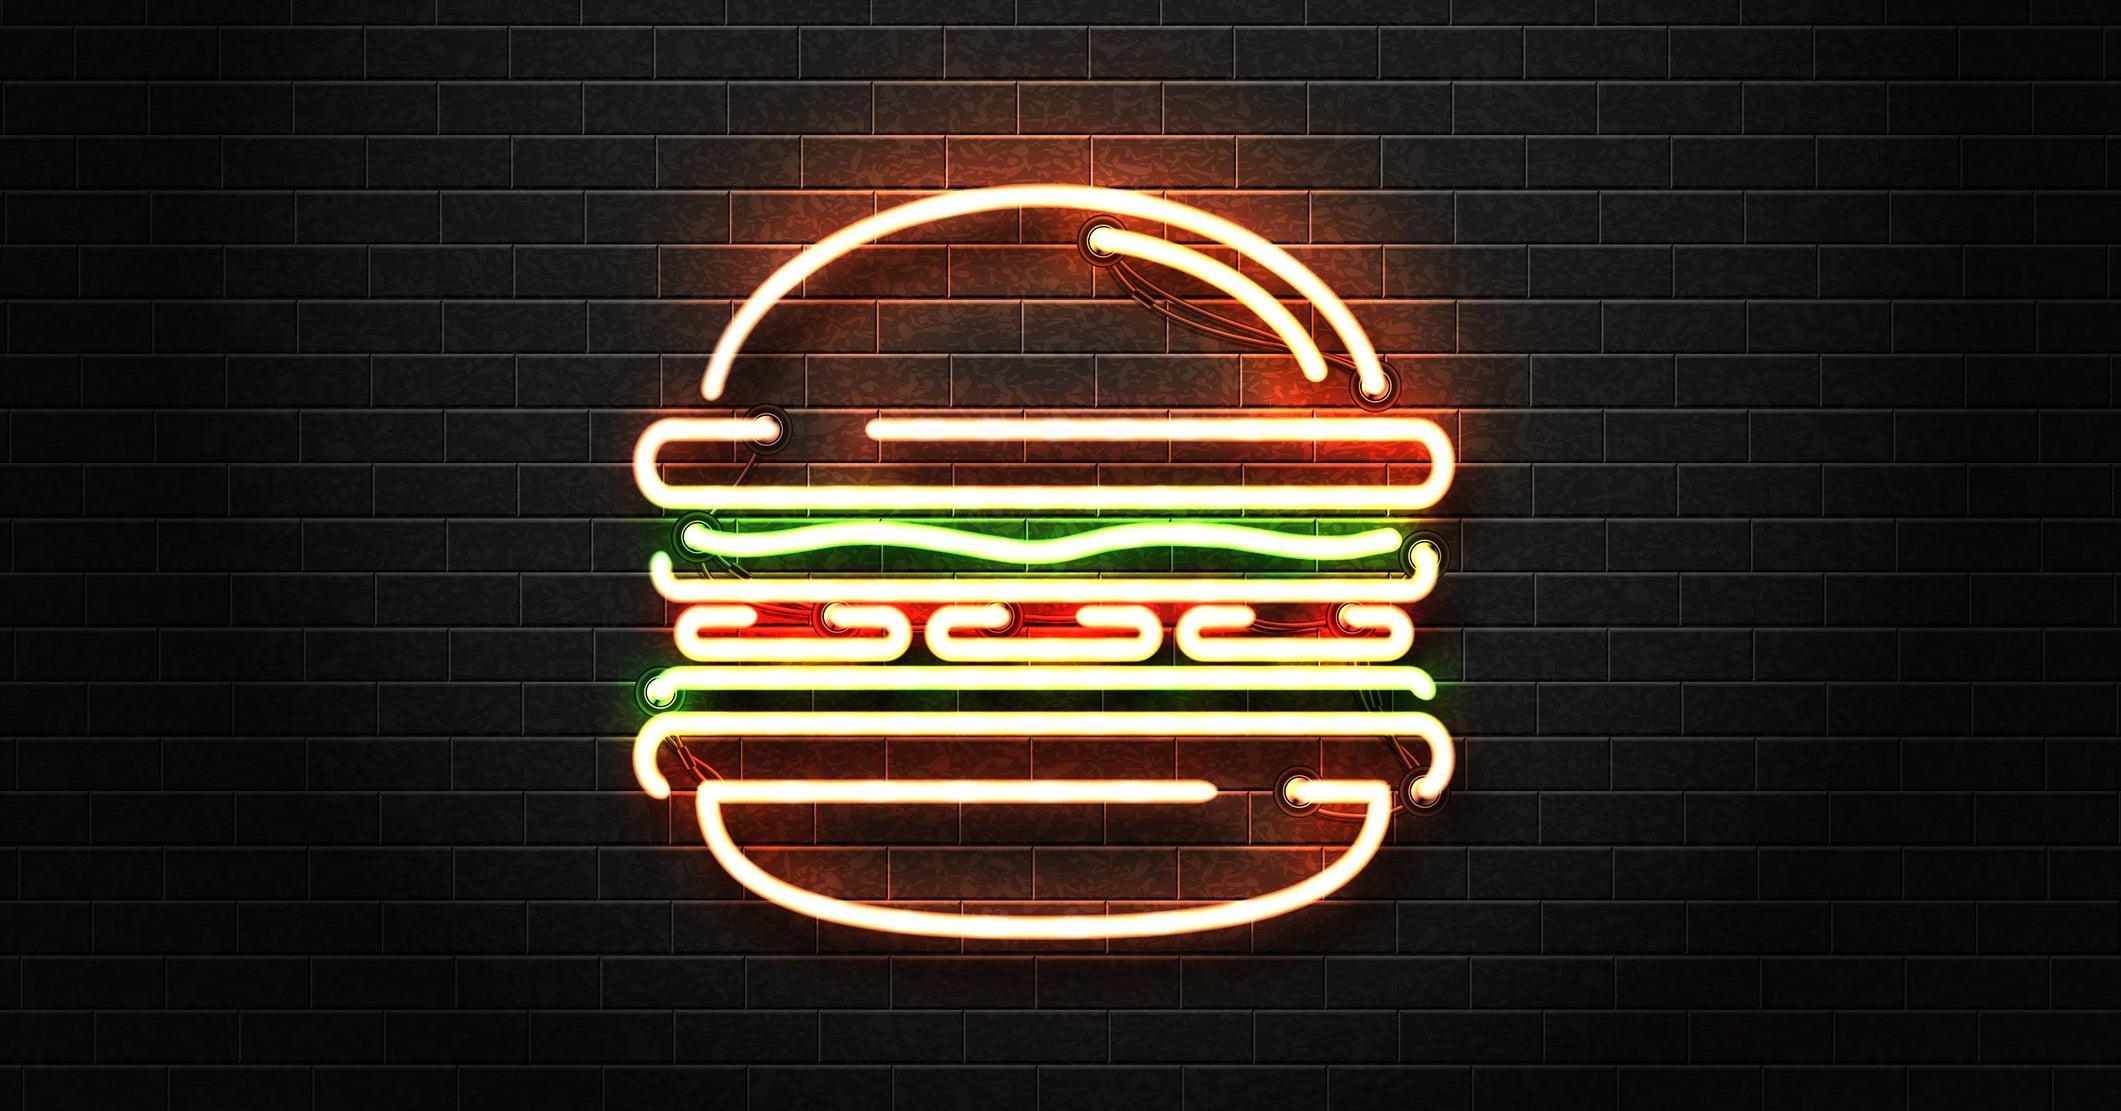 Qual comida de fast food você é?